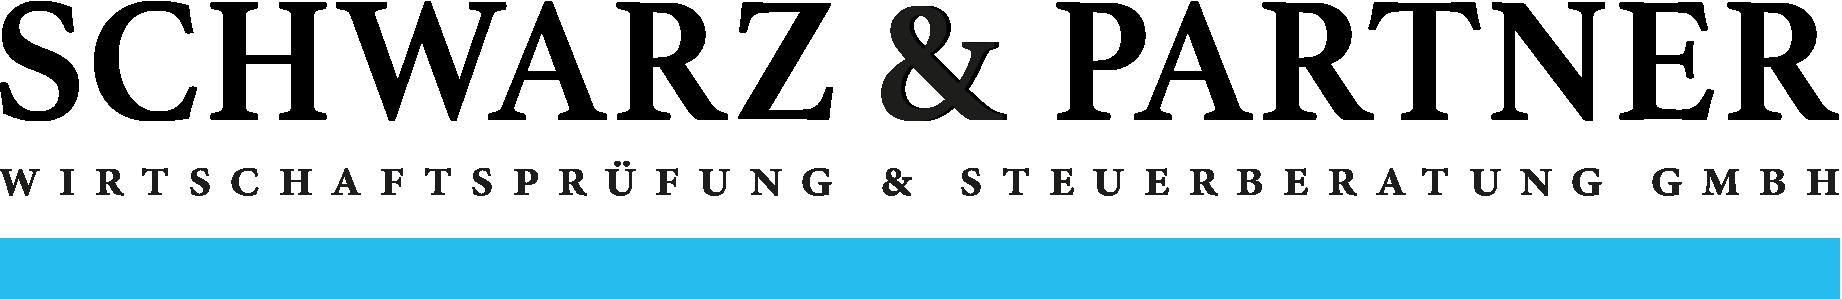 Schwarz & Partner Wirtschaftsprüfung Steuerberatung GmbH